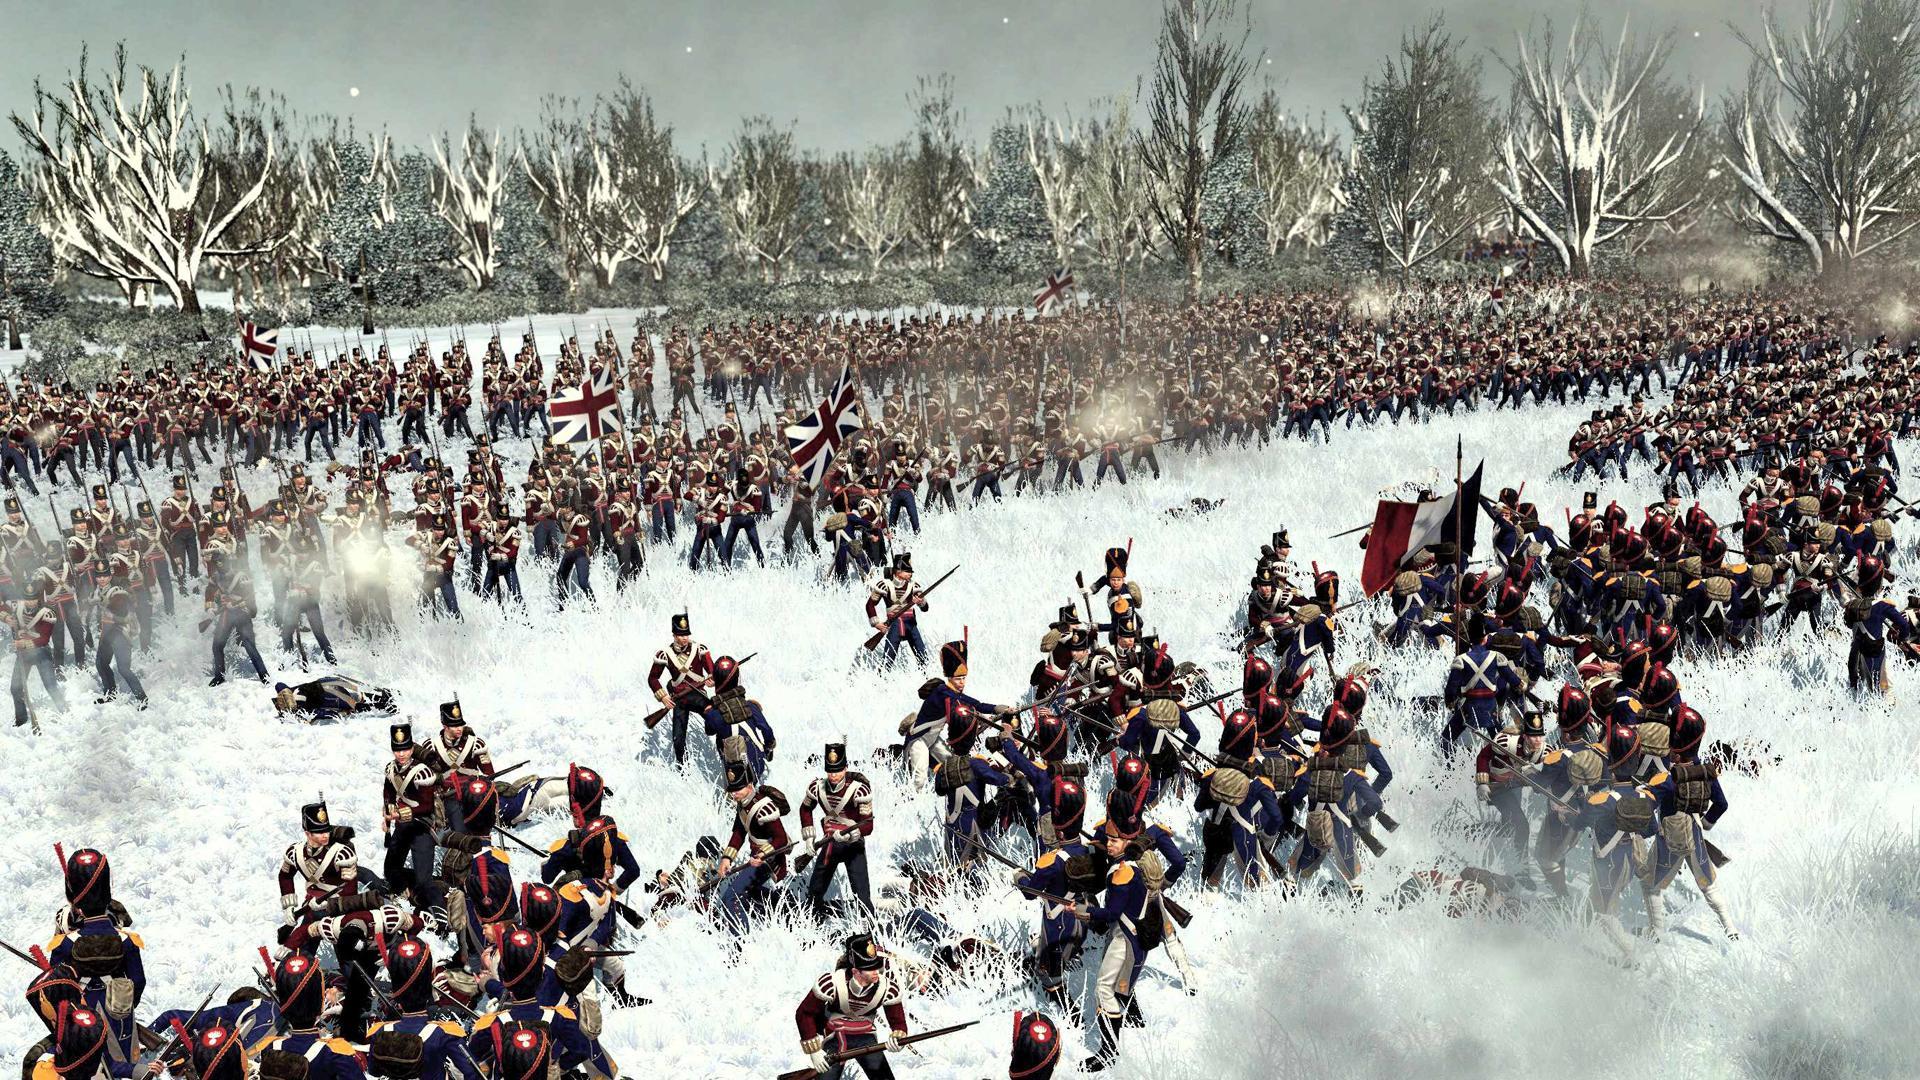 拿破仑 全面战争 搜狗百科